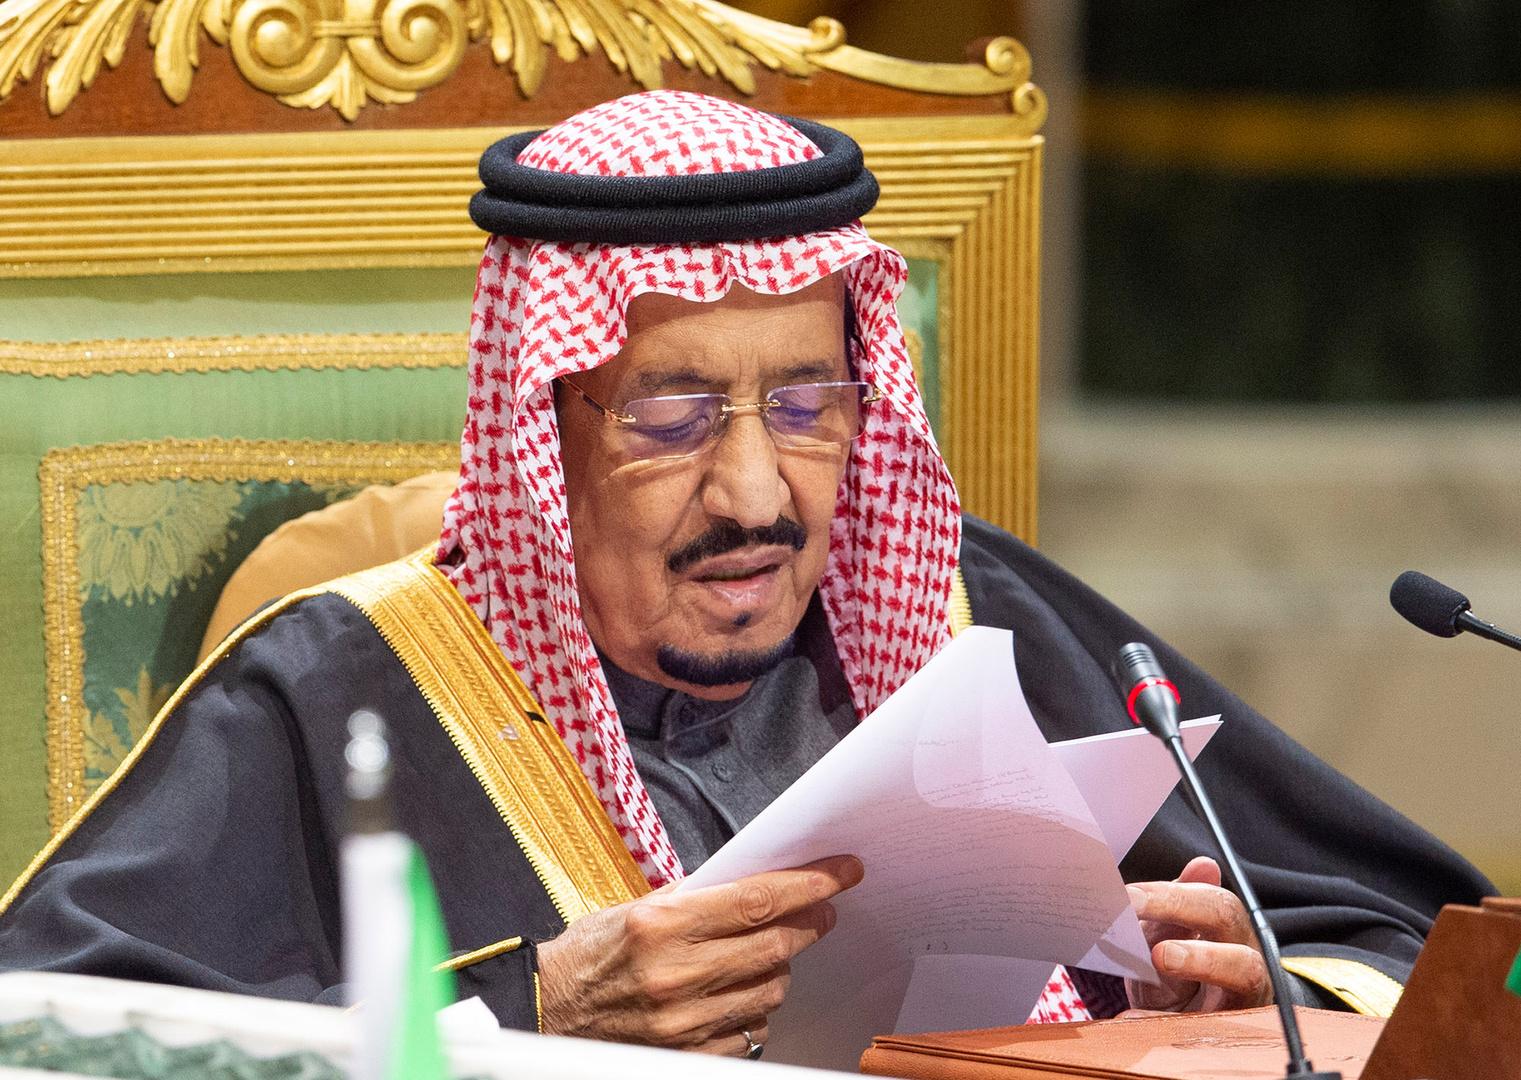 السعودية.. مجلس الوزراء يعدل اسم وزارة ويصدر 8 قرارات